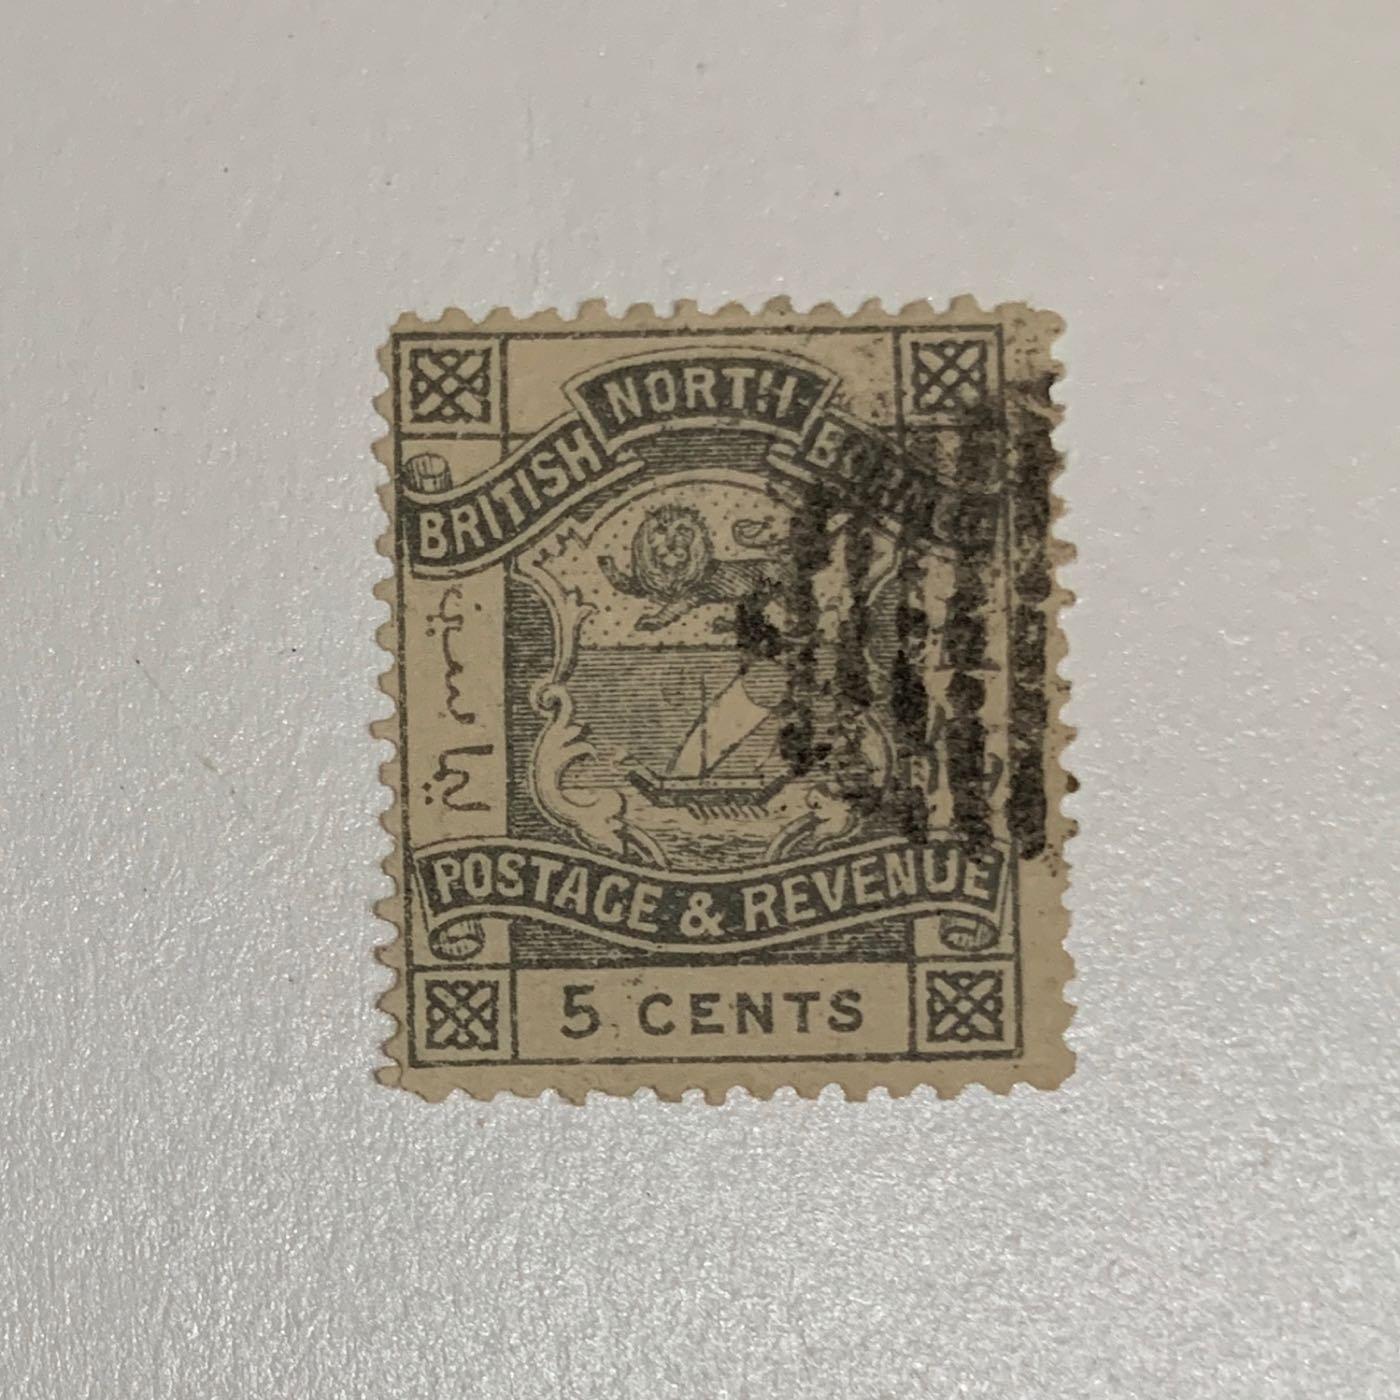 北婆羅洲 1888-1889 British North Borneo & Postage Revenue. 5 cents 五仙